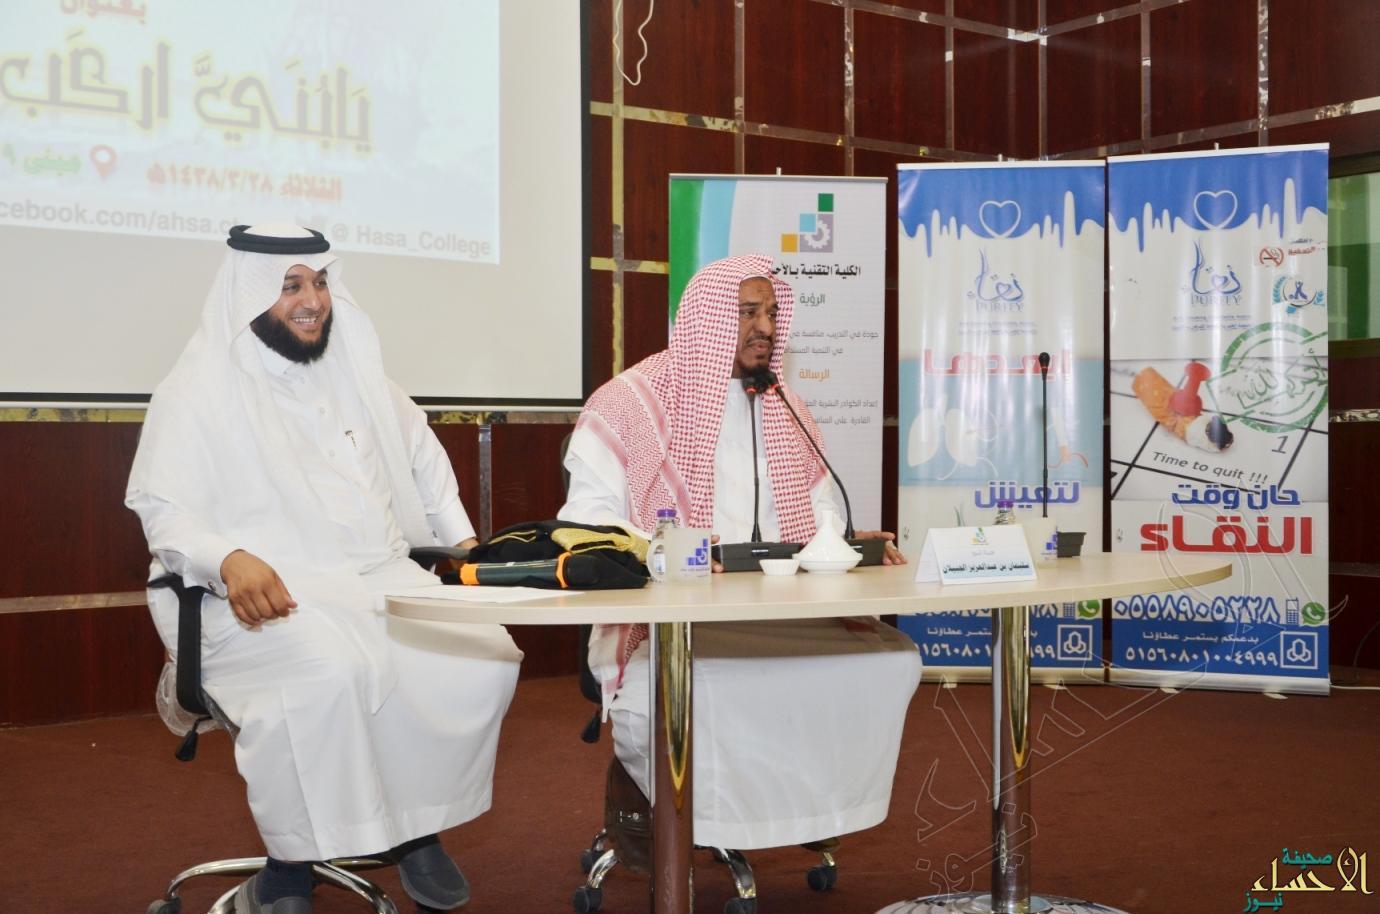 الشيخ الجبيلان خلال محاضرة يابني أركب معنا